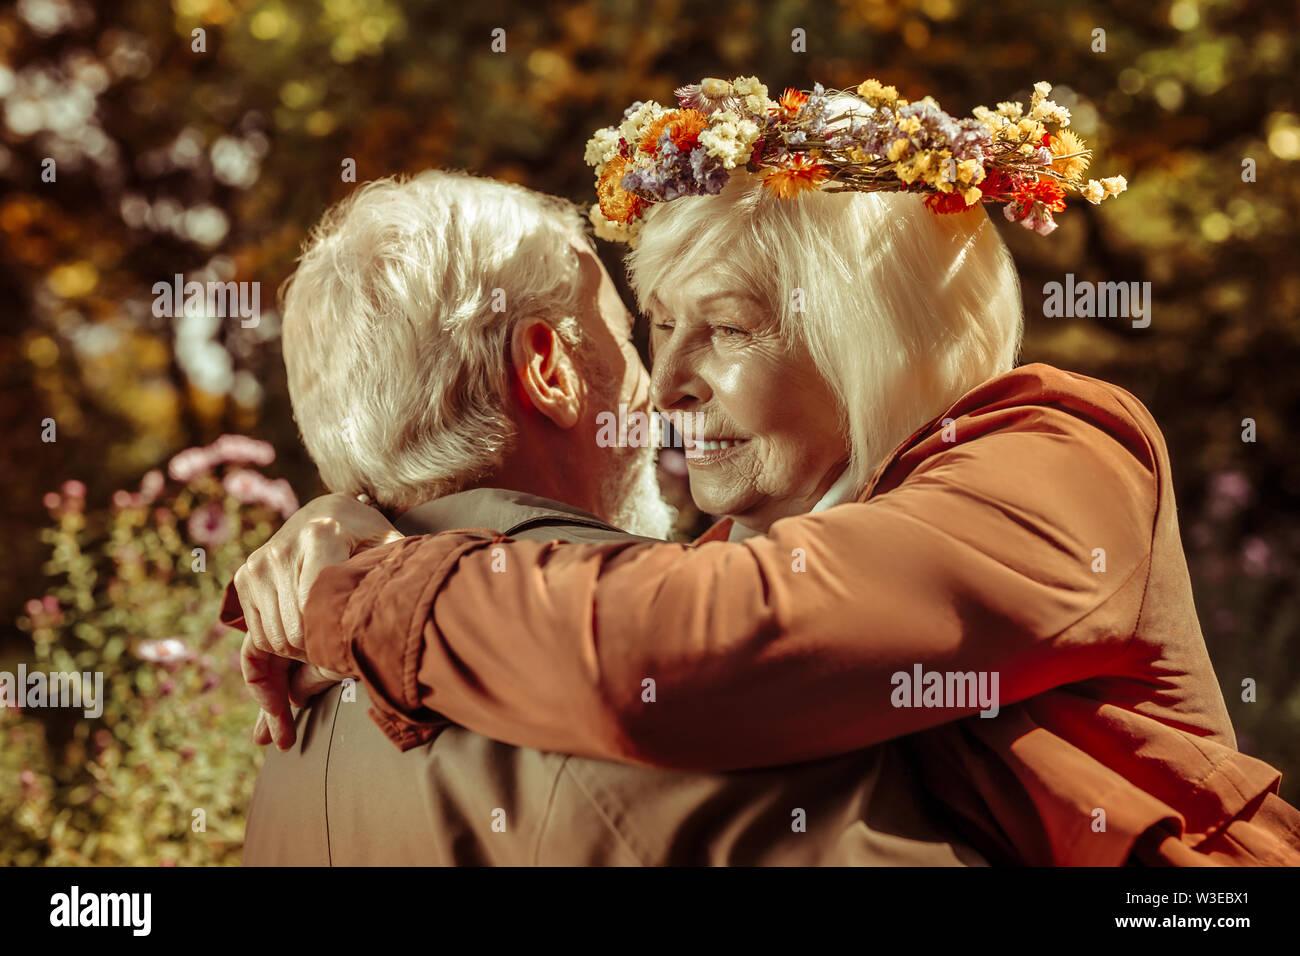 Happy woman dans les bras de son mari. Photo Stock